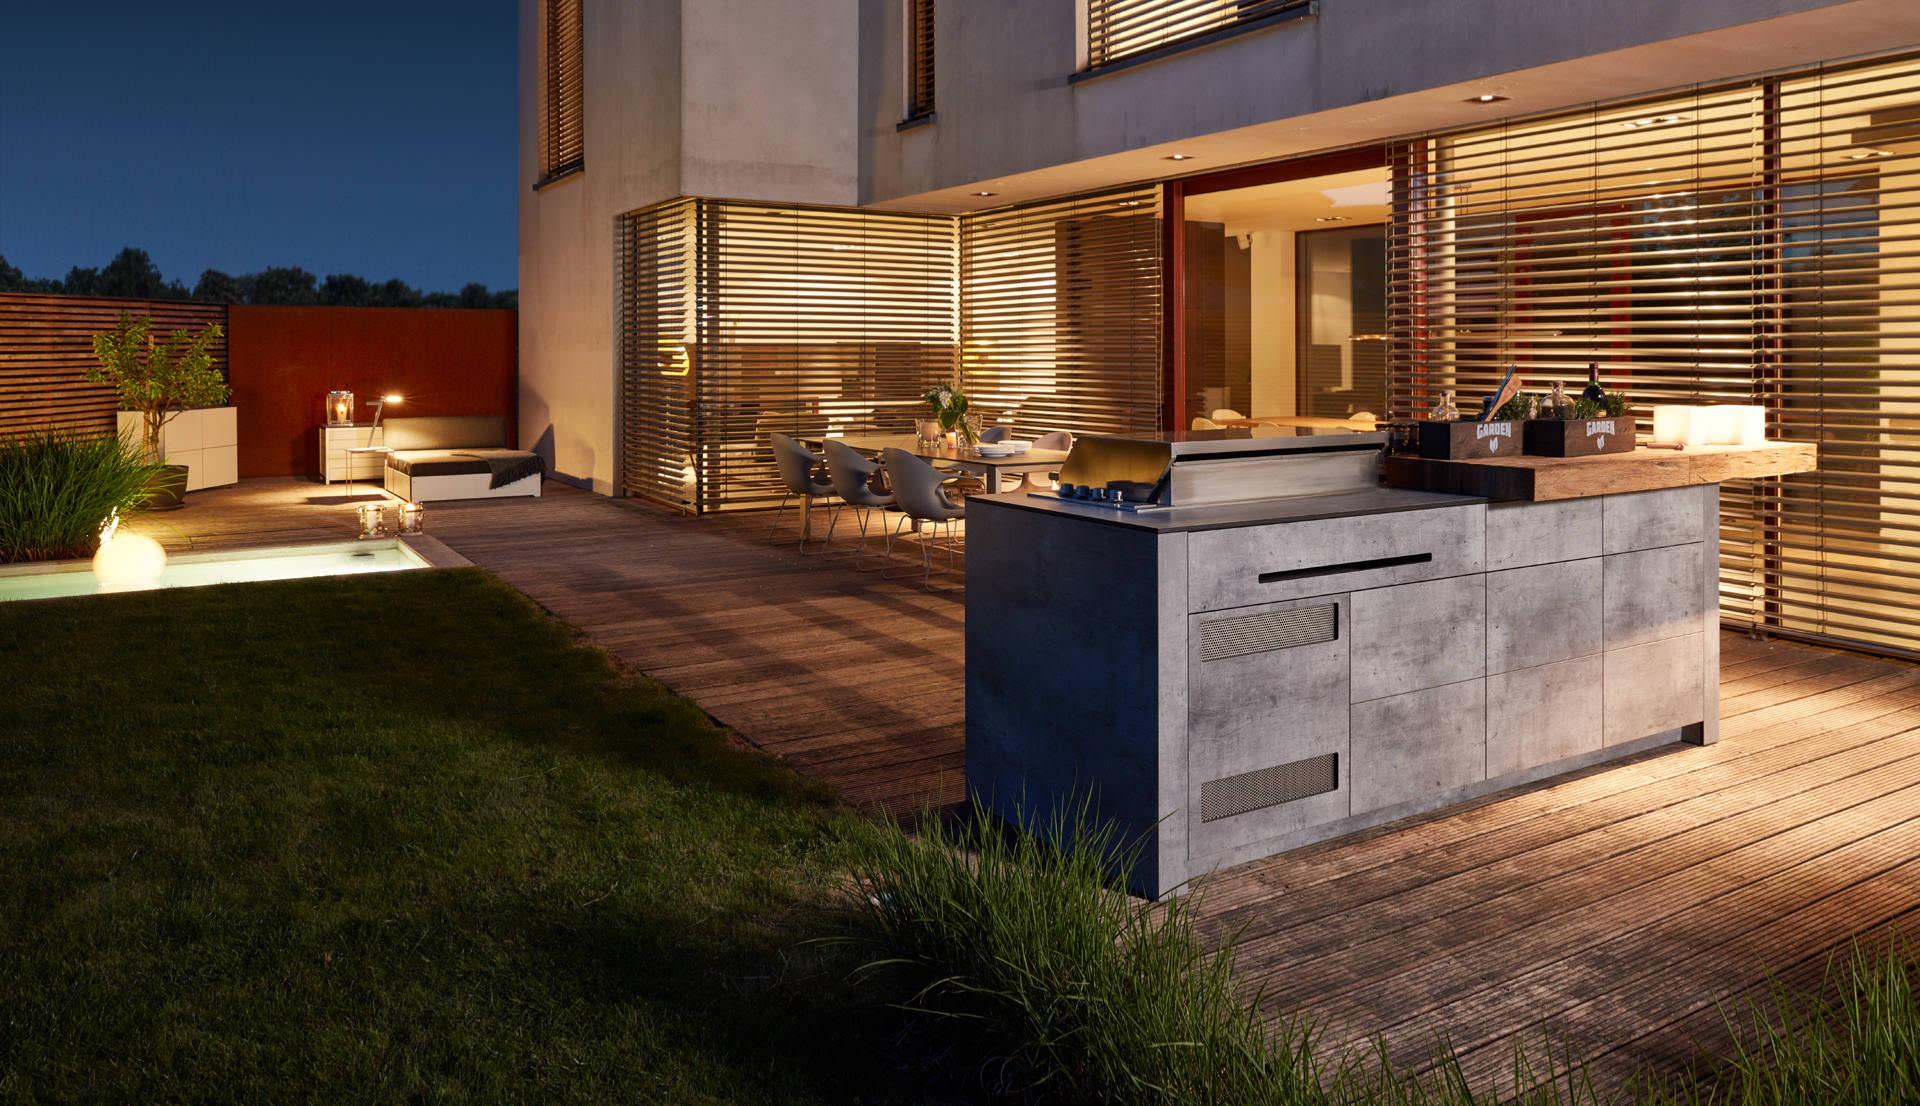 Outdoorküche Zubehör Zürich : Bbqtion die luxuriöse outdoorküche ackutech ag